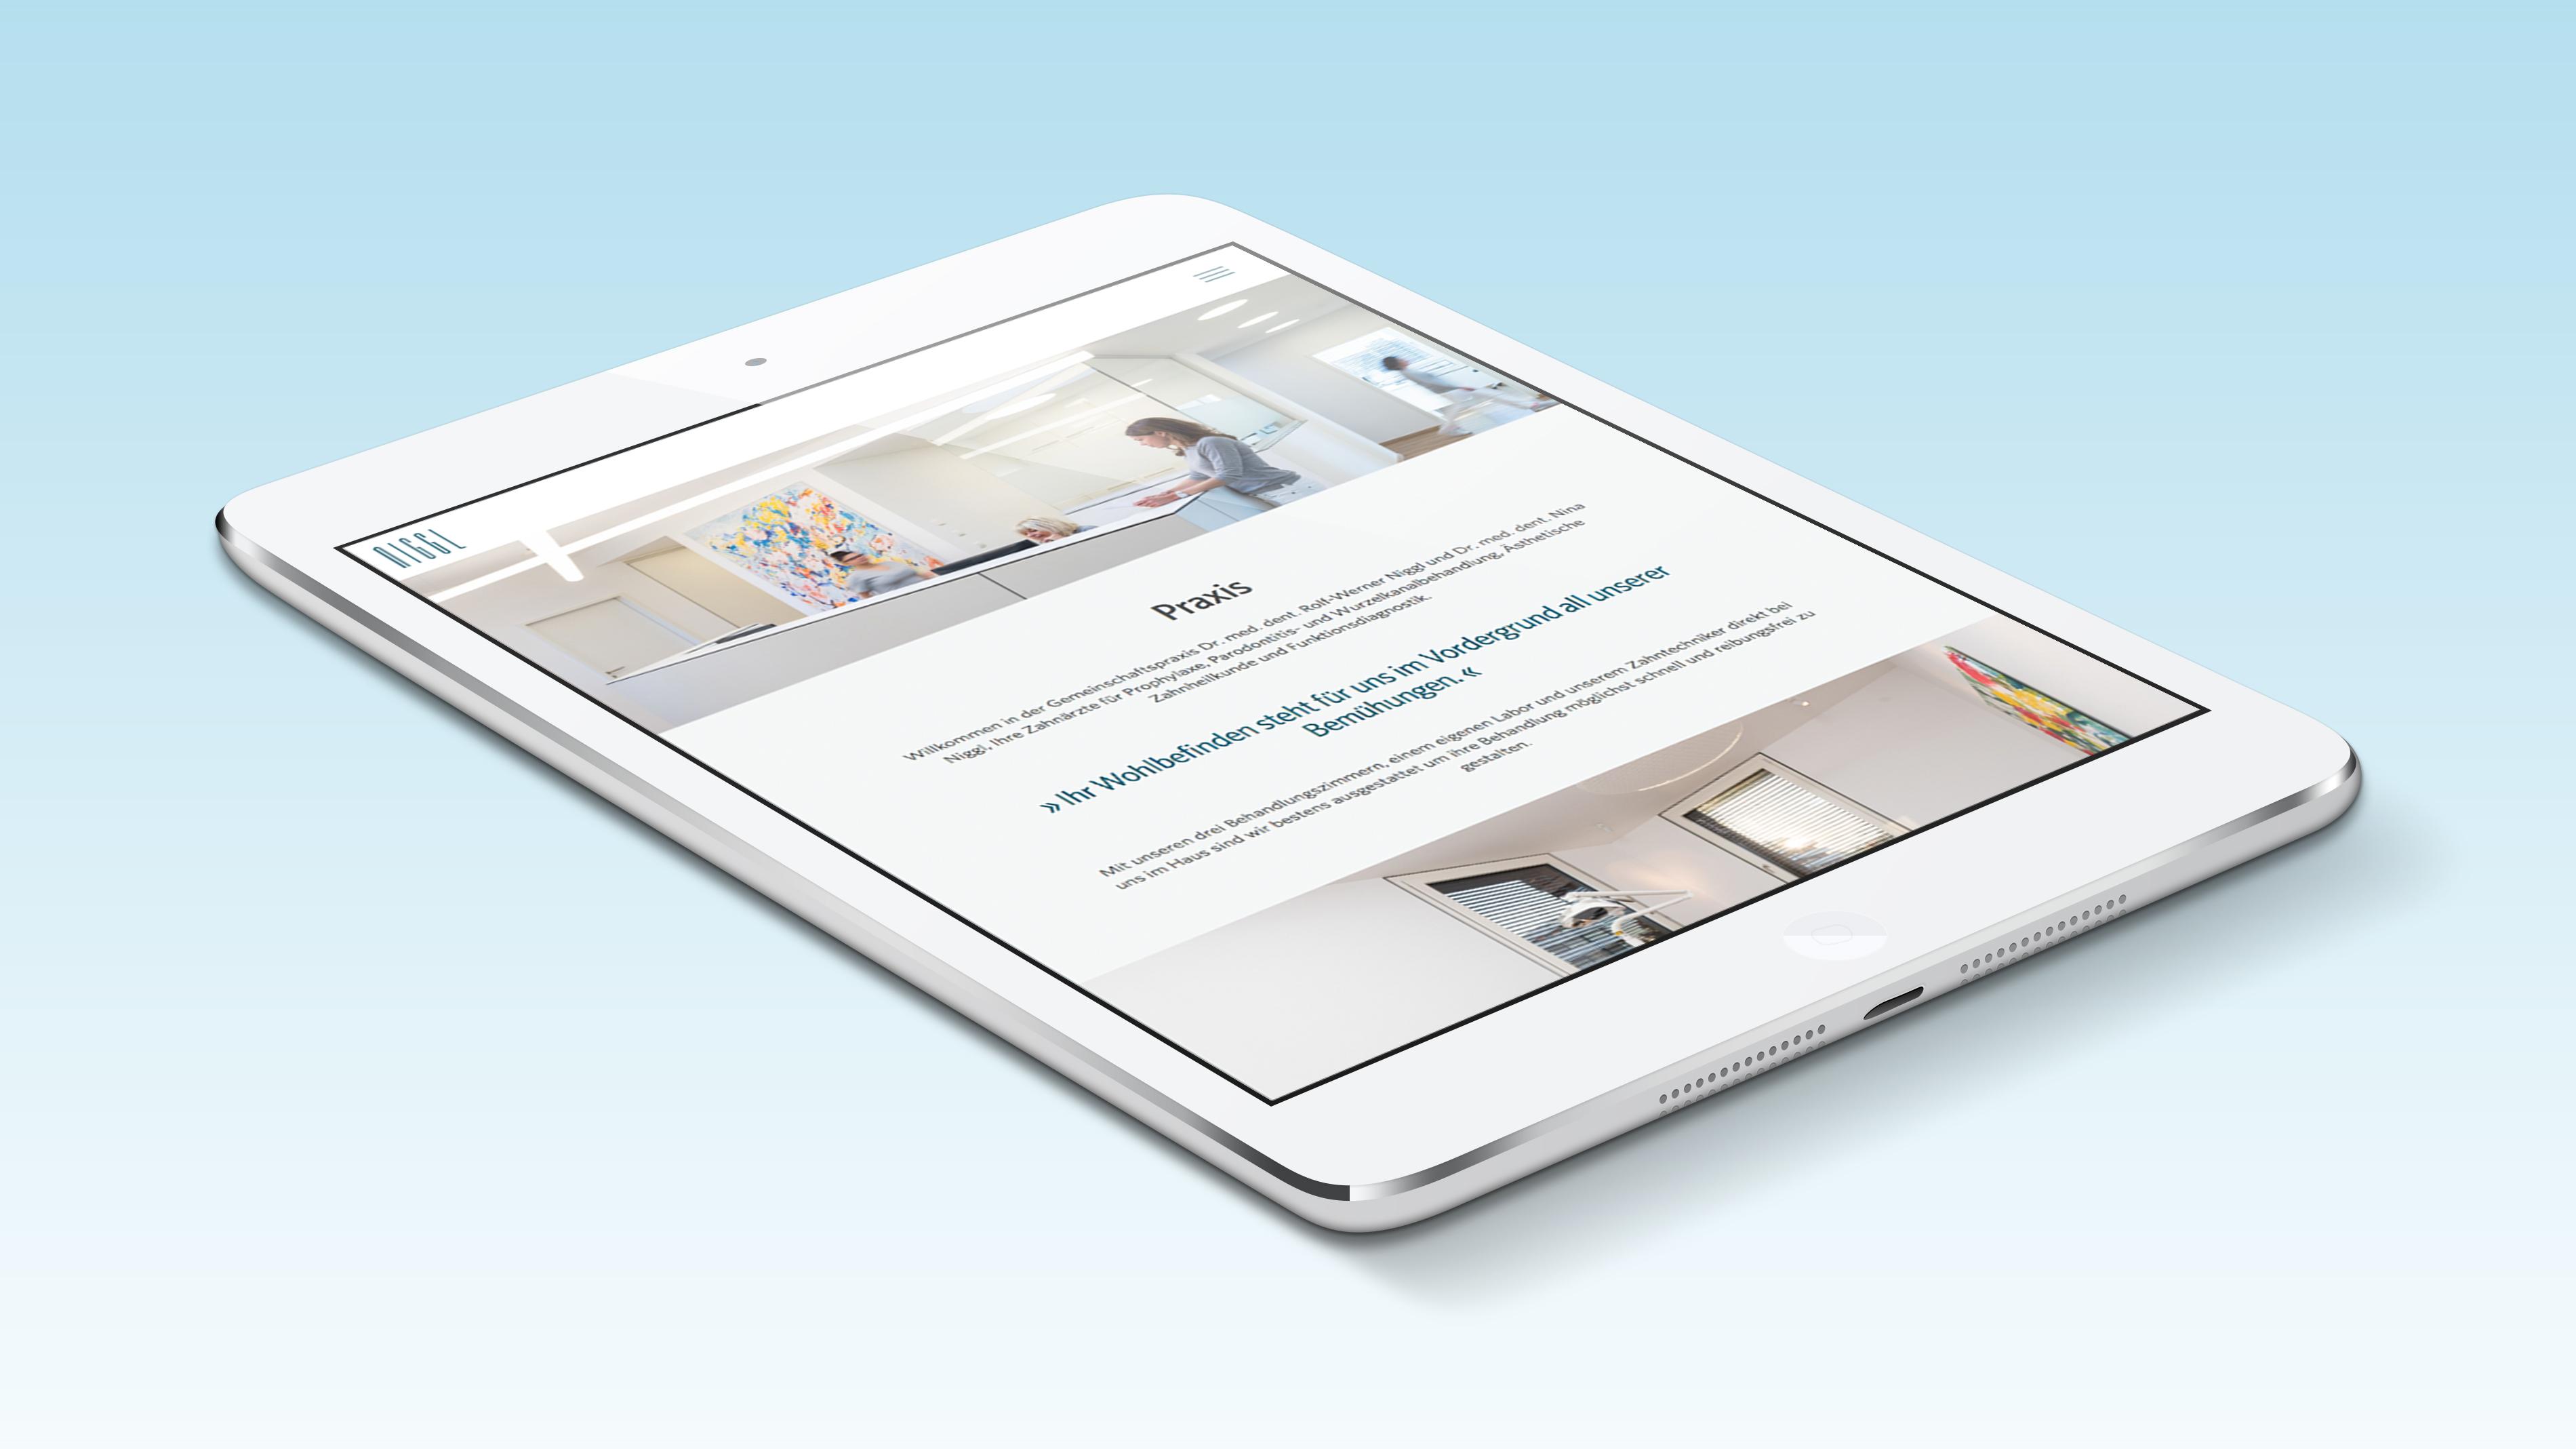 Moderner Interntauftritt mit neuem Corporate Design für die Zahnarztpraxis aus Memmingen von der Designagentur das formt aus München